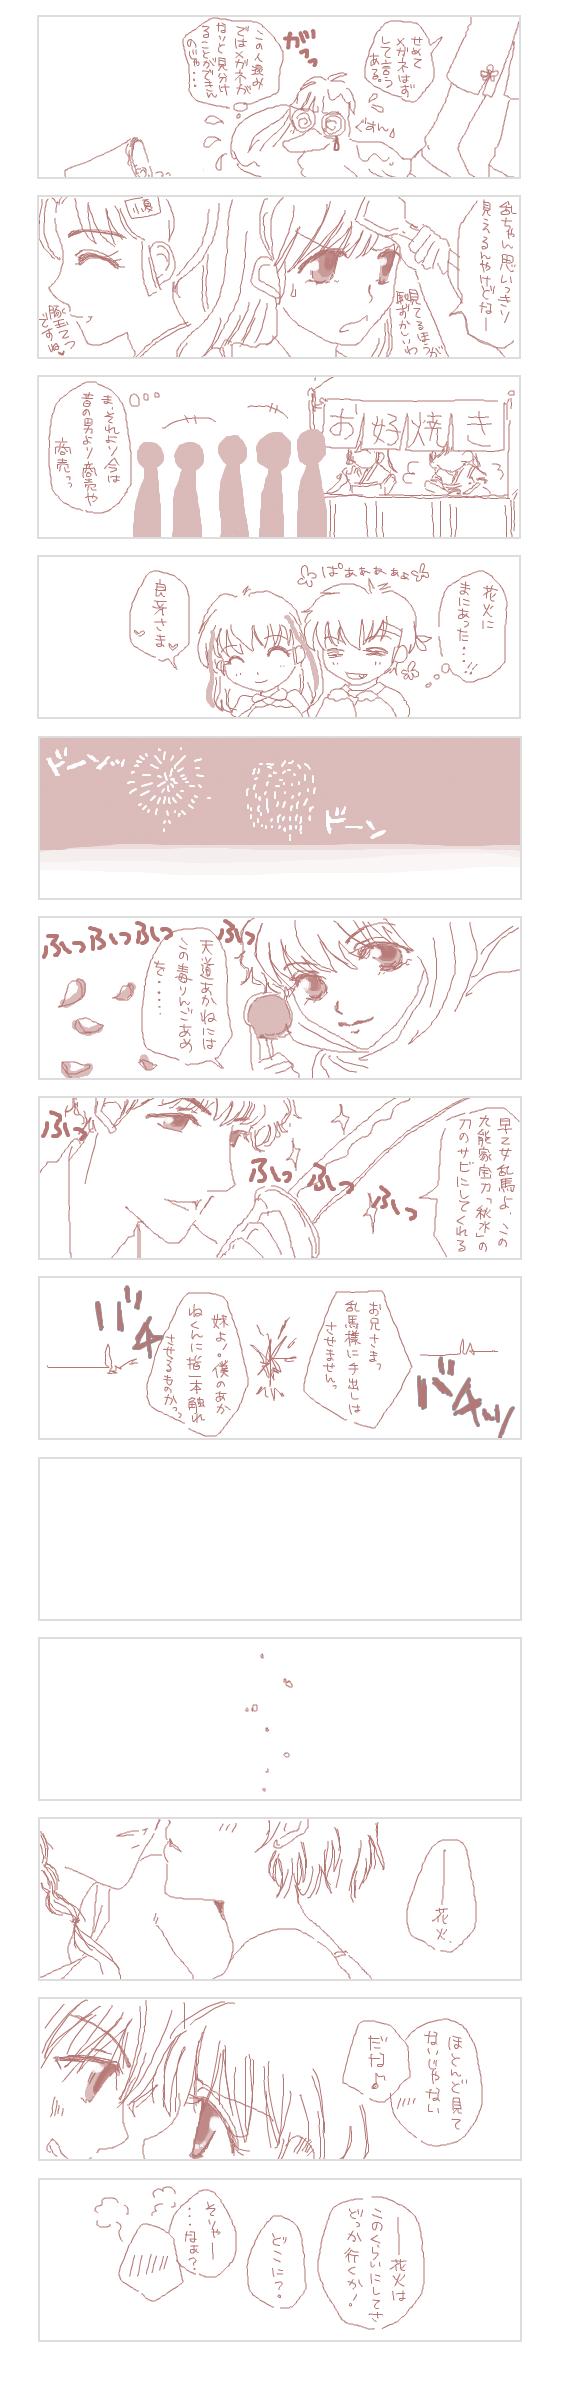 花火修正02